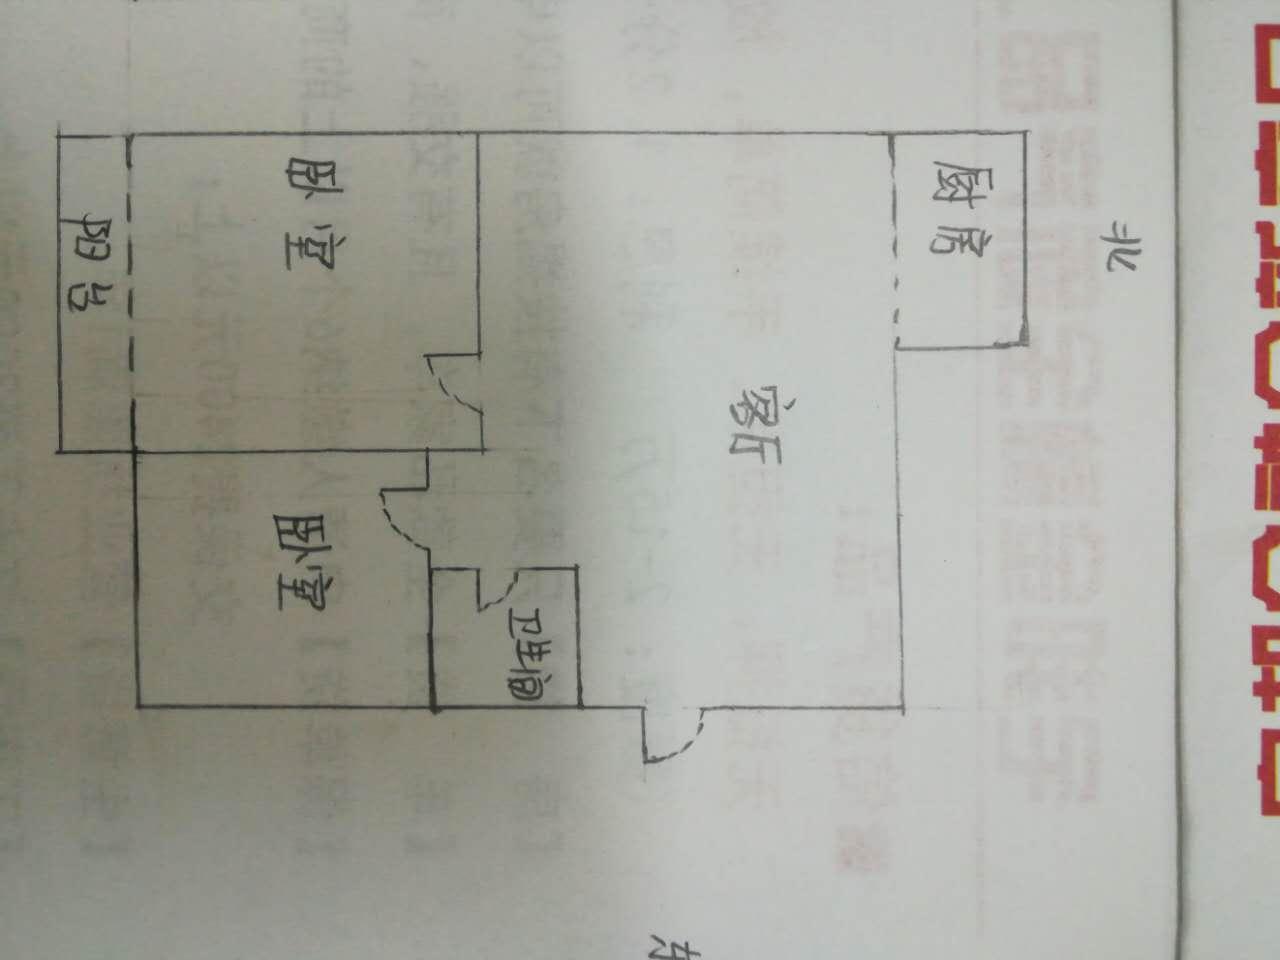 滨海胜利花园 2室2厅 2楼